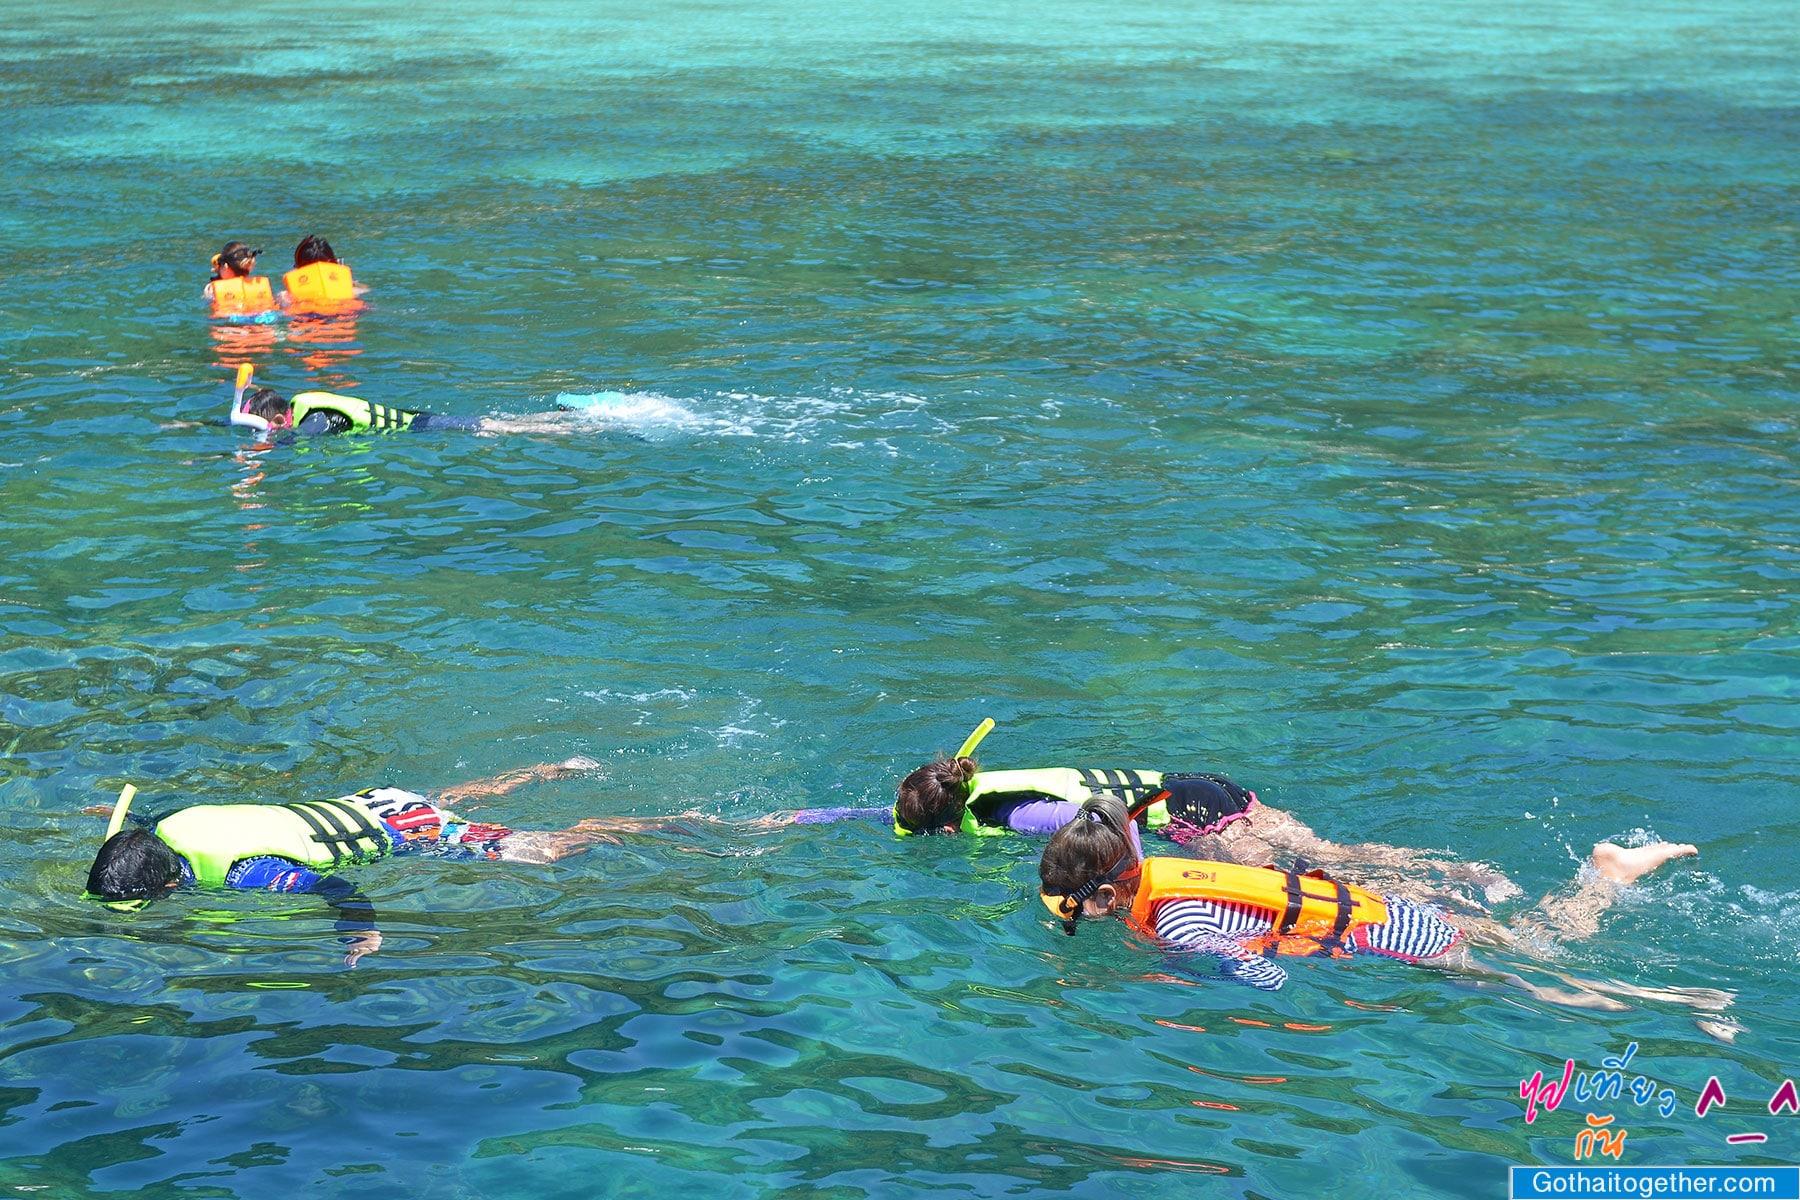 เกาะบรูเออร์ โลกใต้ทะเล สดใหม่ อันสวยงาม สายดำน้ำควรต้องมาเช็คอิน 42